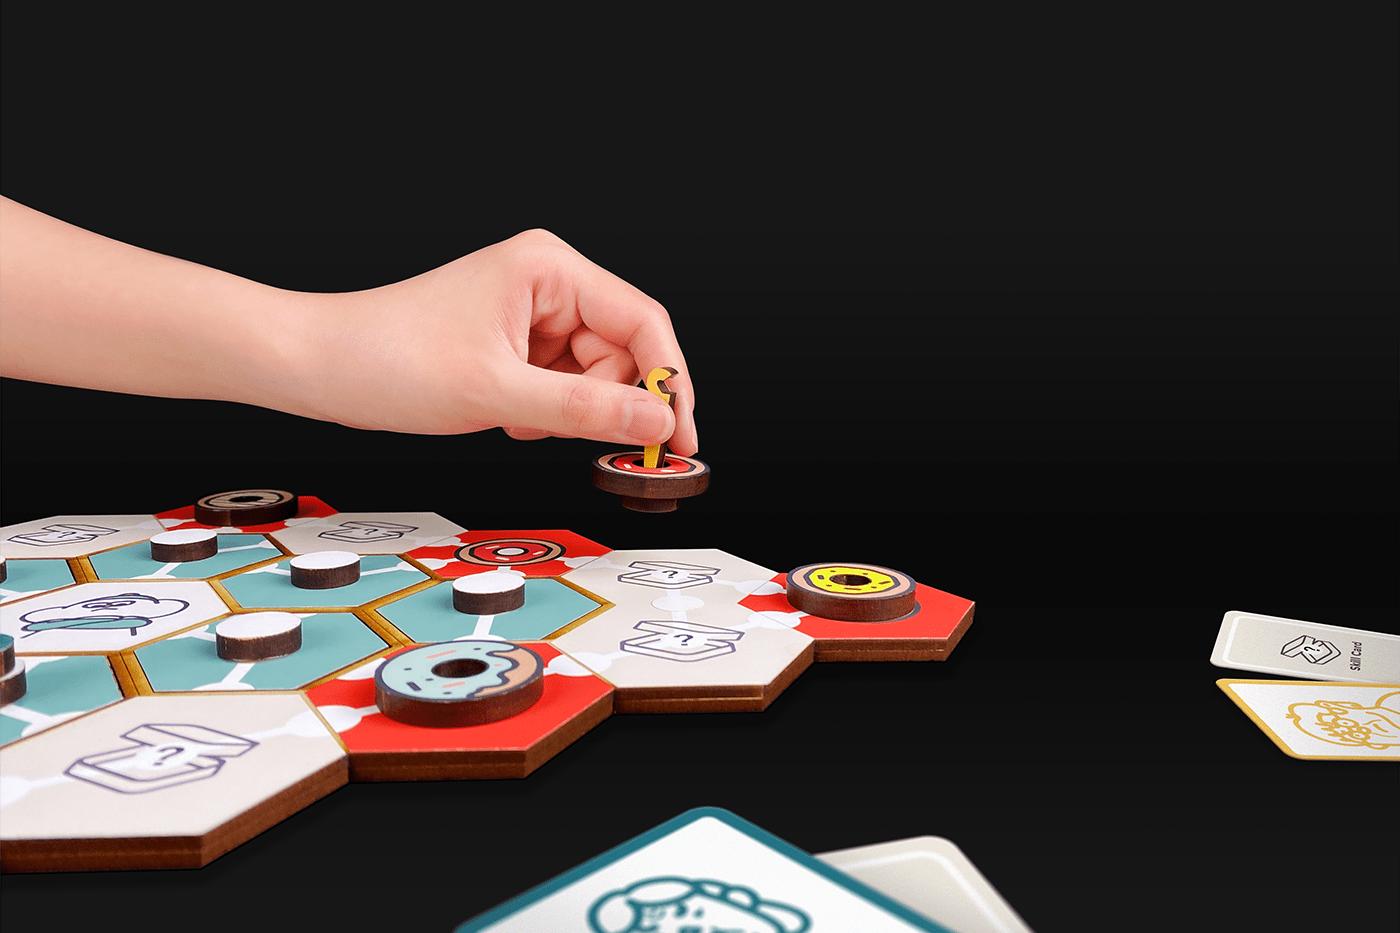 boardgame donut game design  gangs grandma play